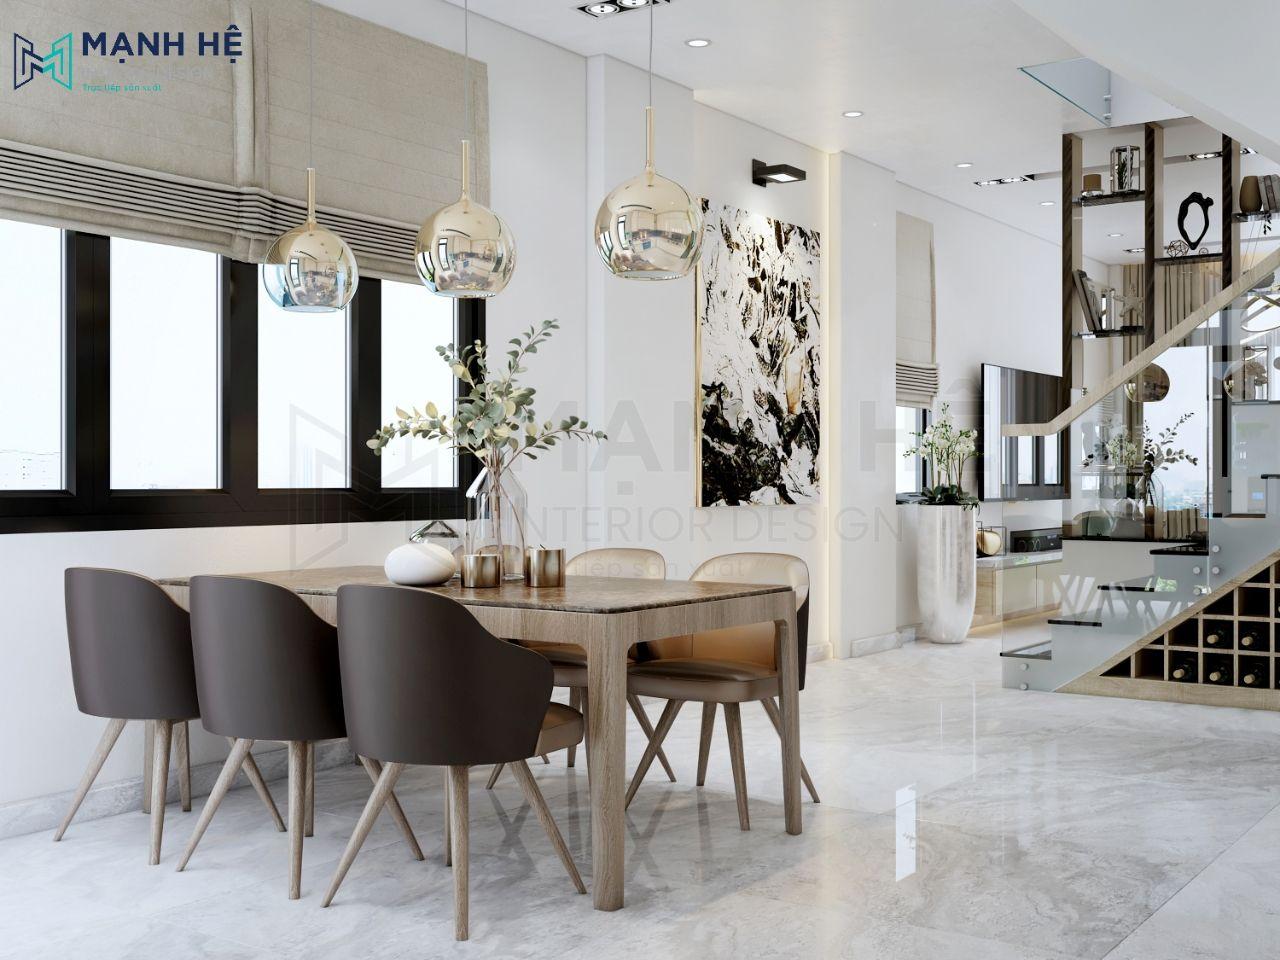 Phòng khách nối liền với nhà bếp tạo ra không gian rộng rãi